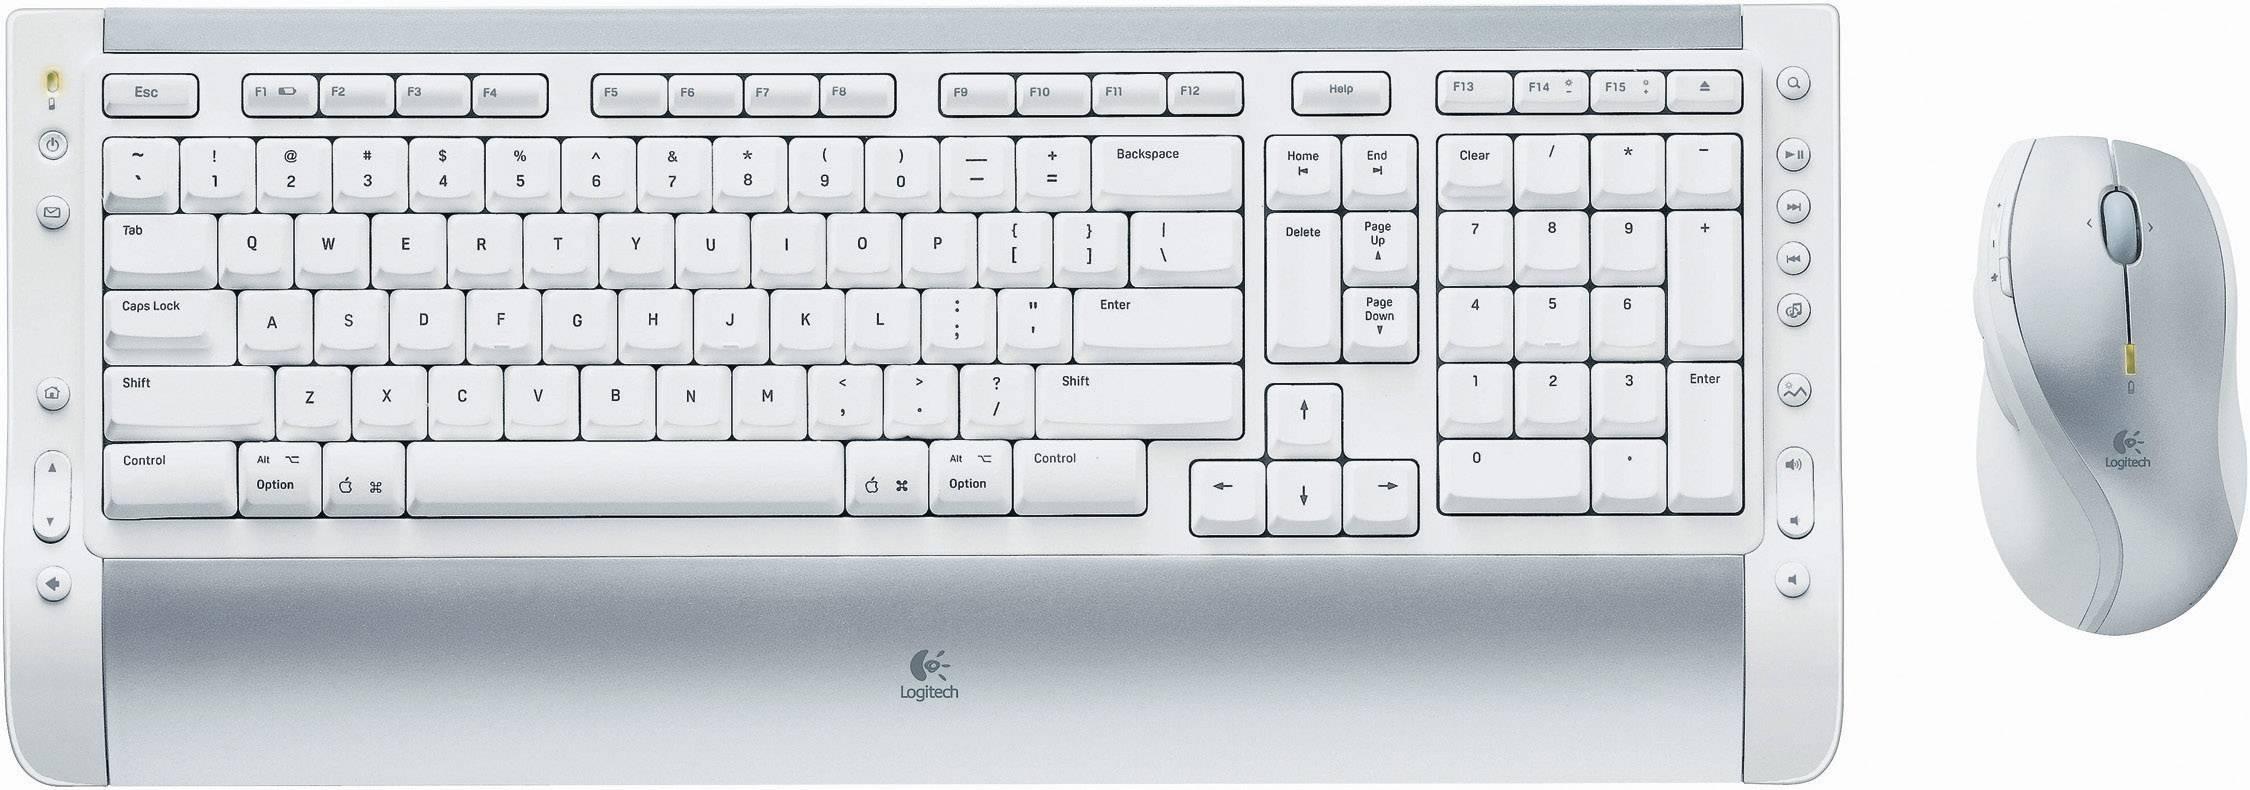 PC príslušenstvo